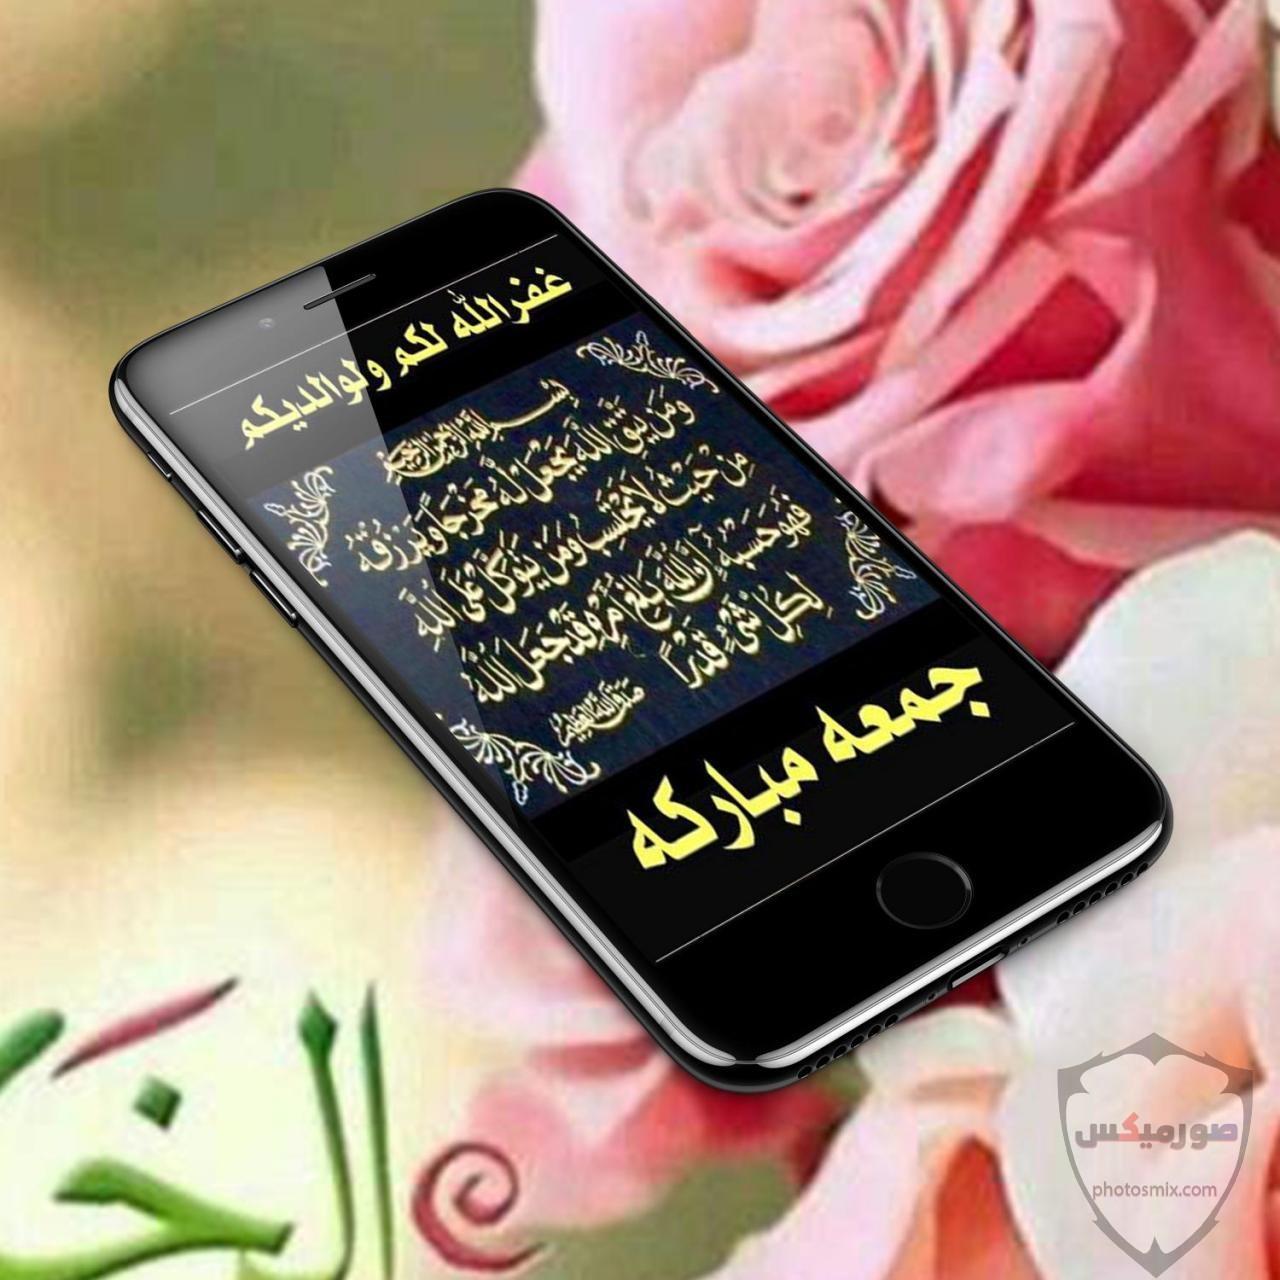 جمعة مباركة صور جمعة مباركه 2020 ادعية يوم الجمعه مصورة مكتوب عليها جمعة مباركة 29